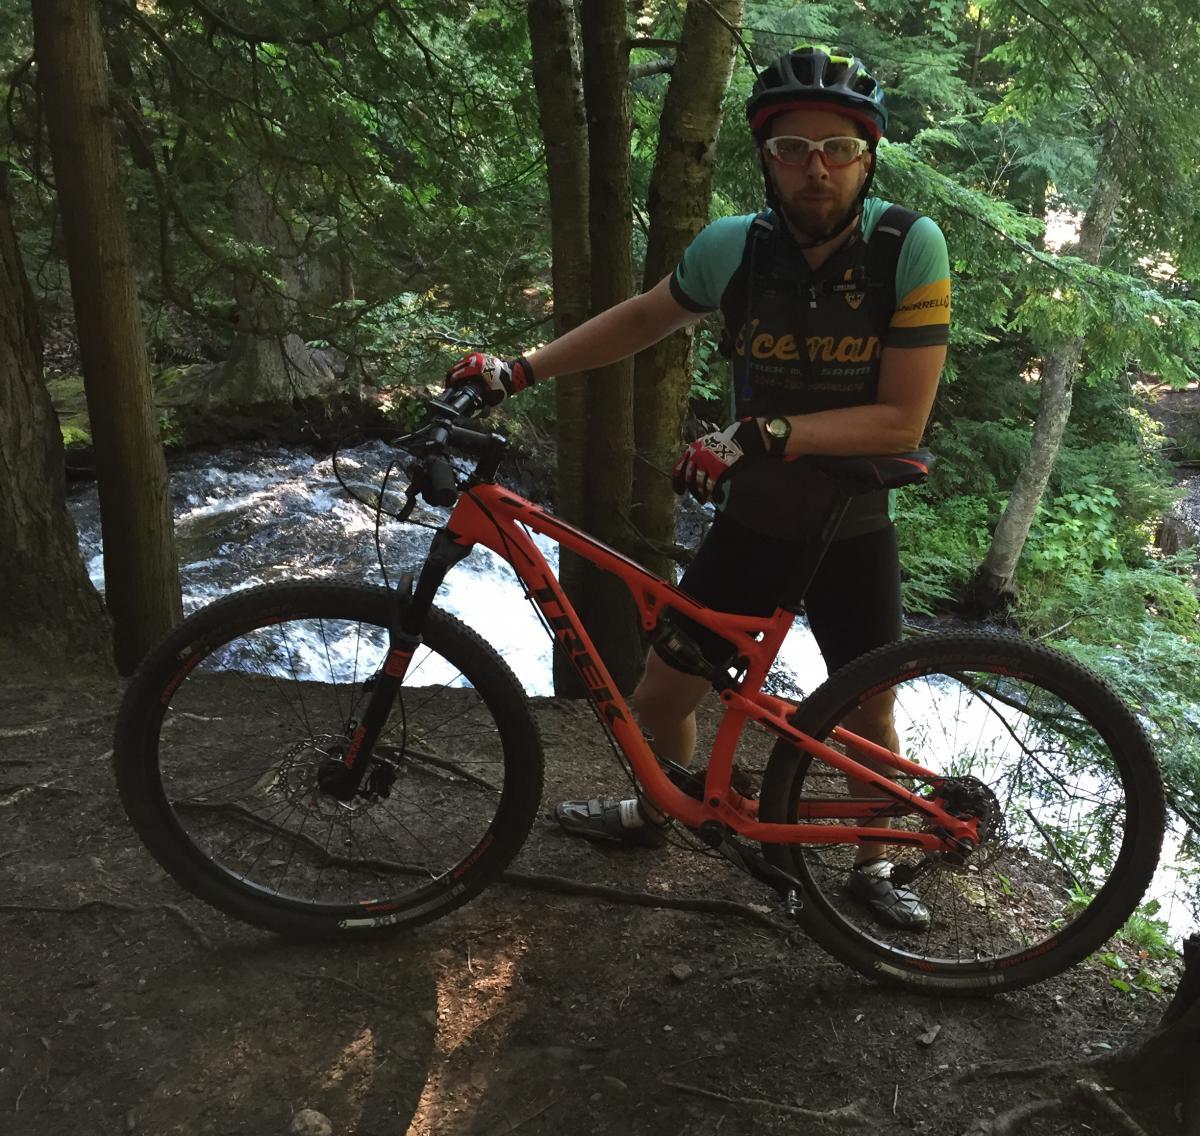 Trek Superfly FS 7 Mountain Bike Reviews - Singletracks.com